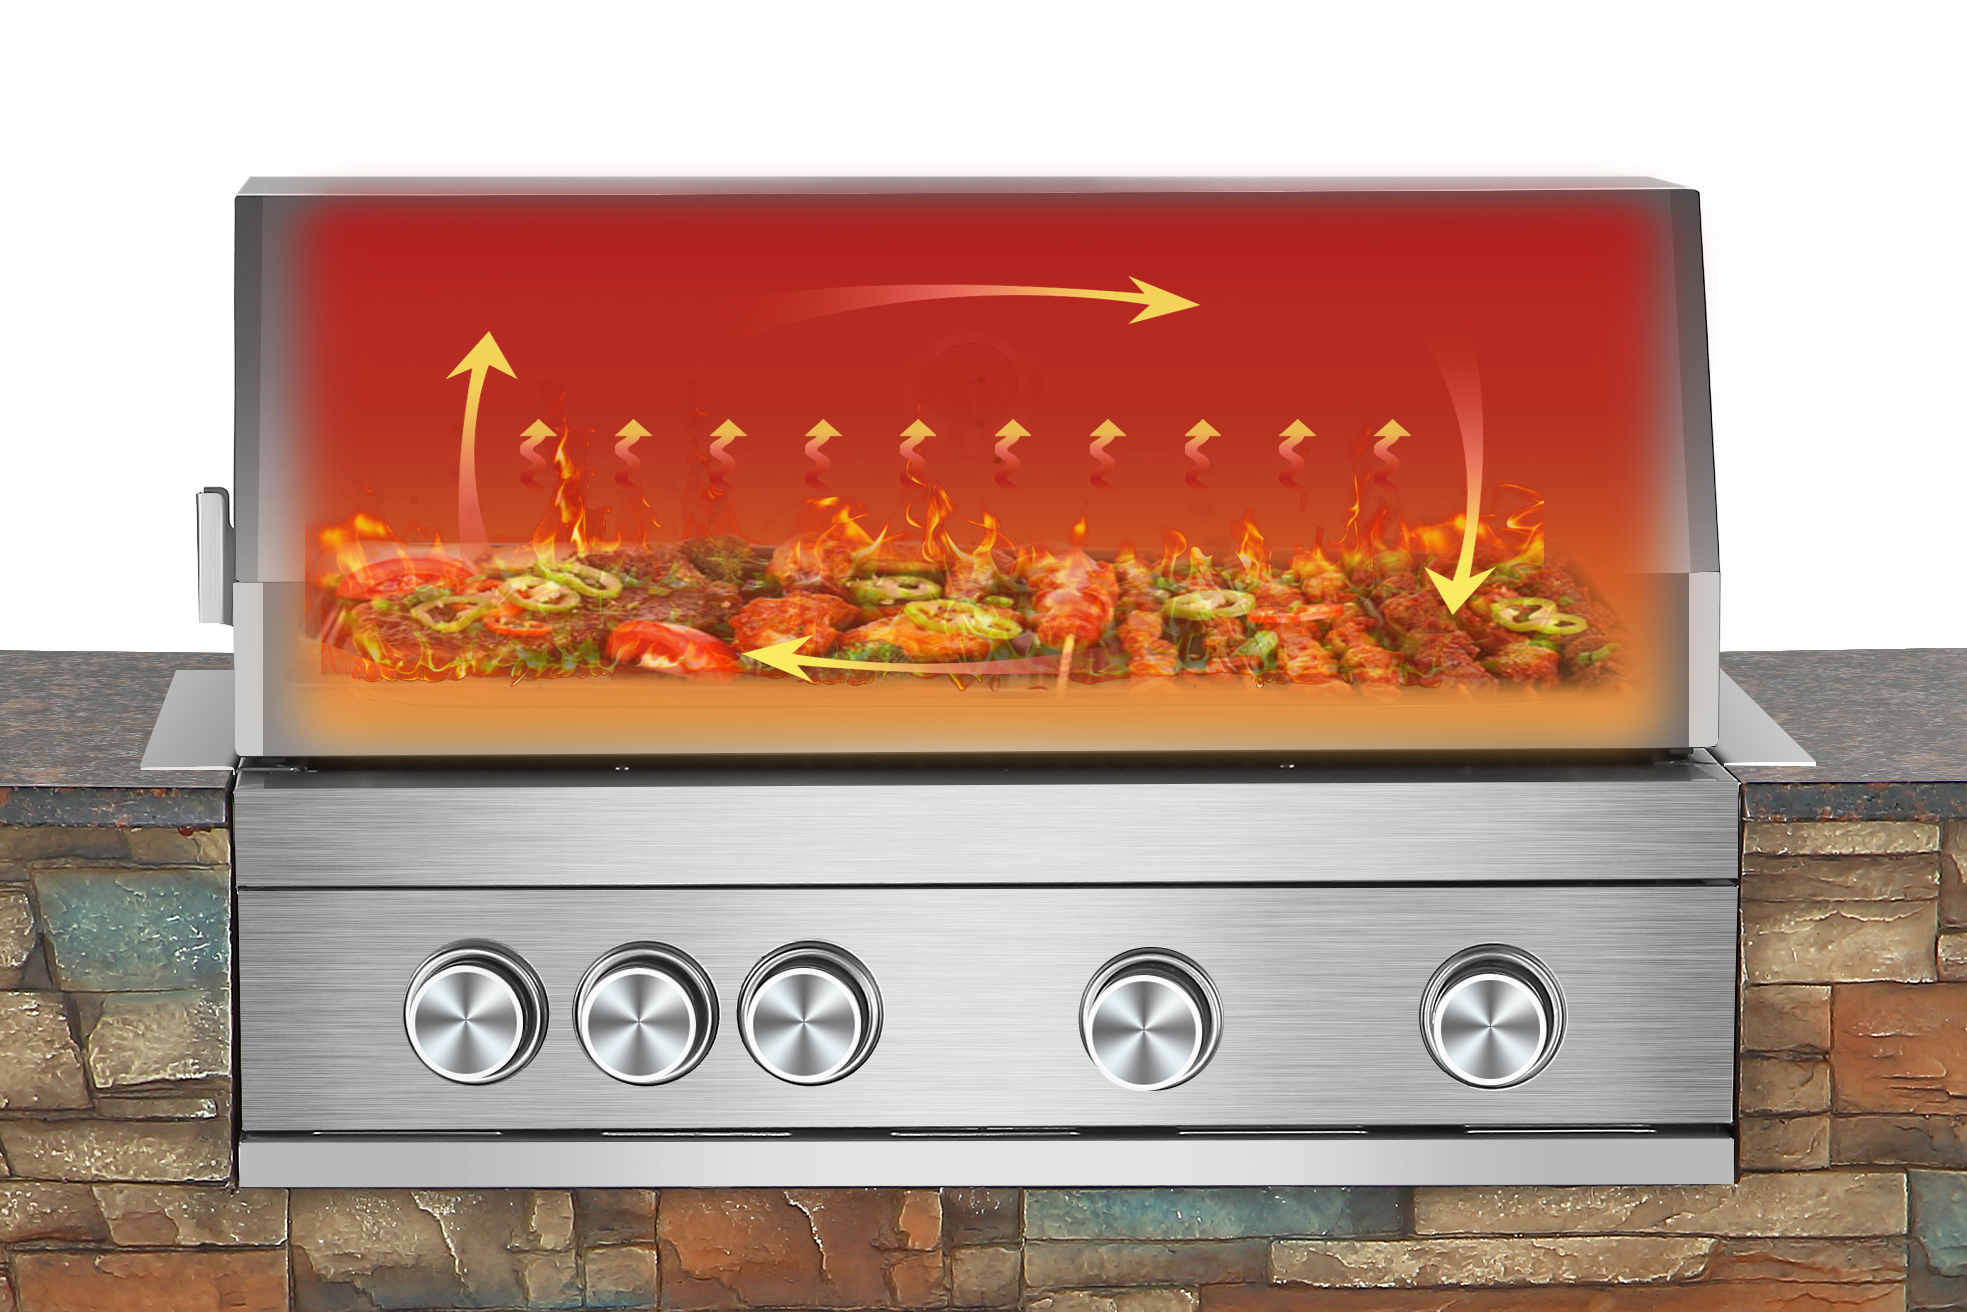 El Fuego Outdoor Grillküche Built In Edelstahl 4 +1 Infrarot Bild 8